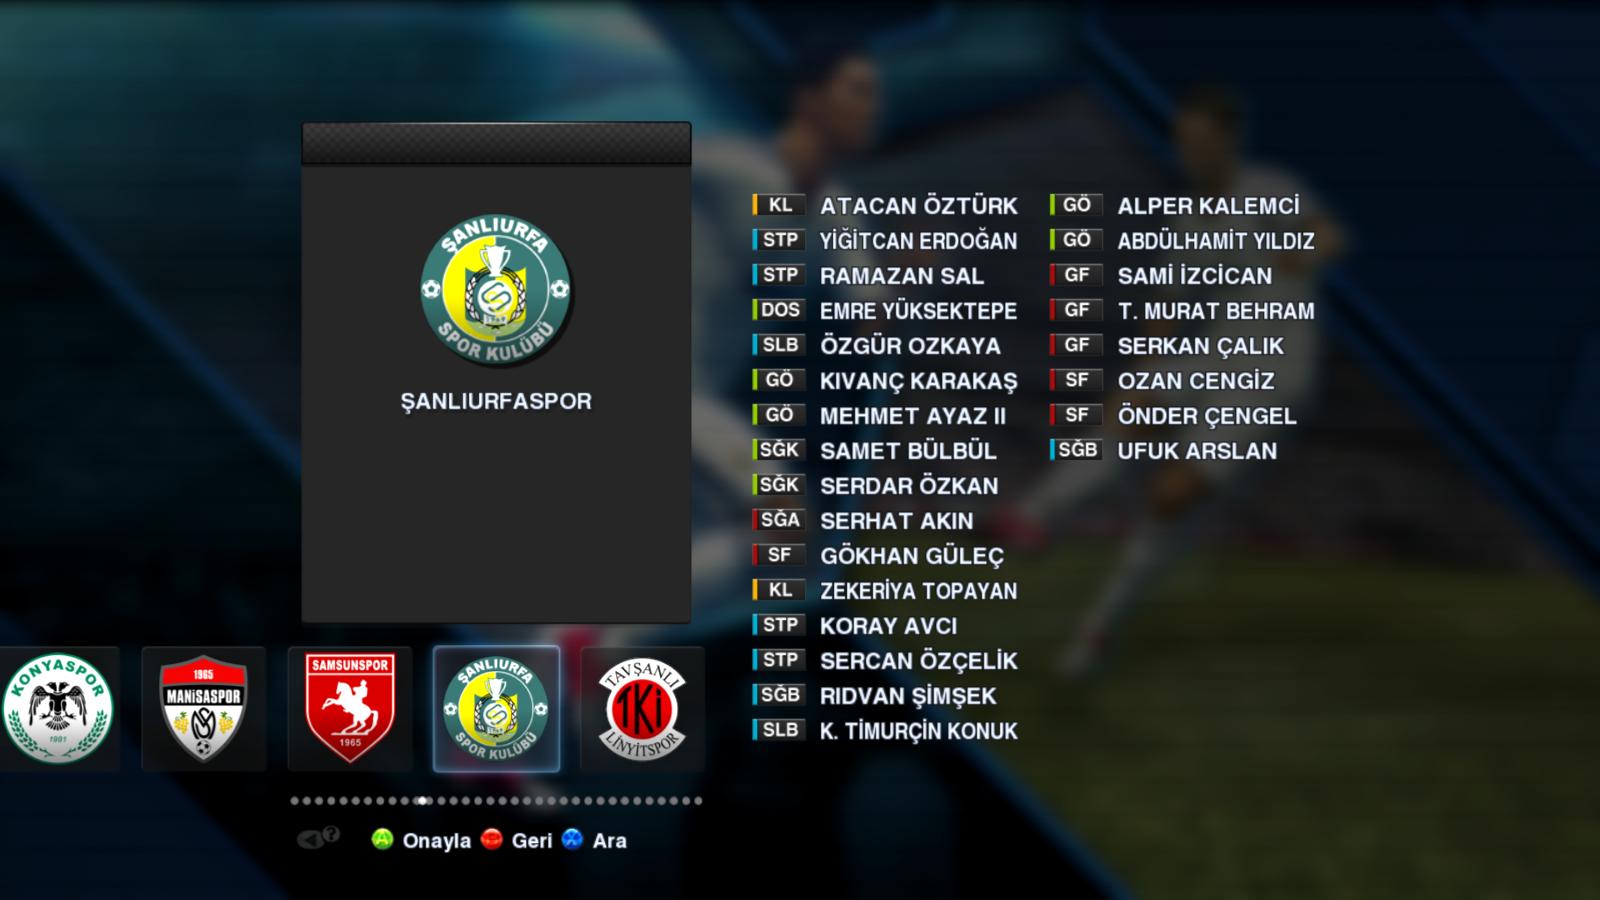 TГјrkei 1. Liga